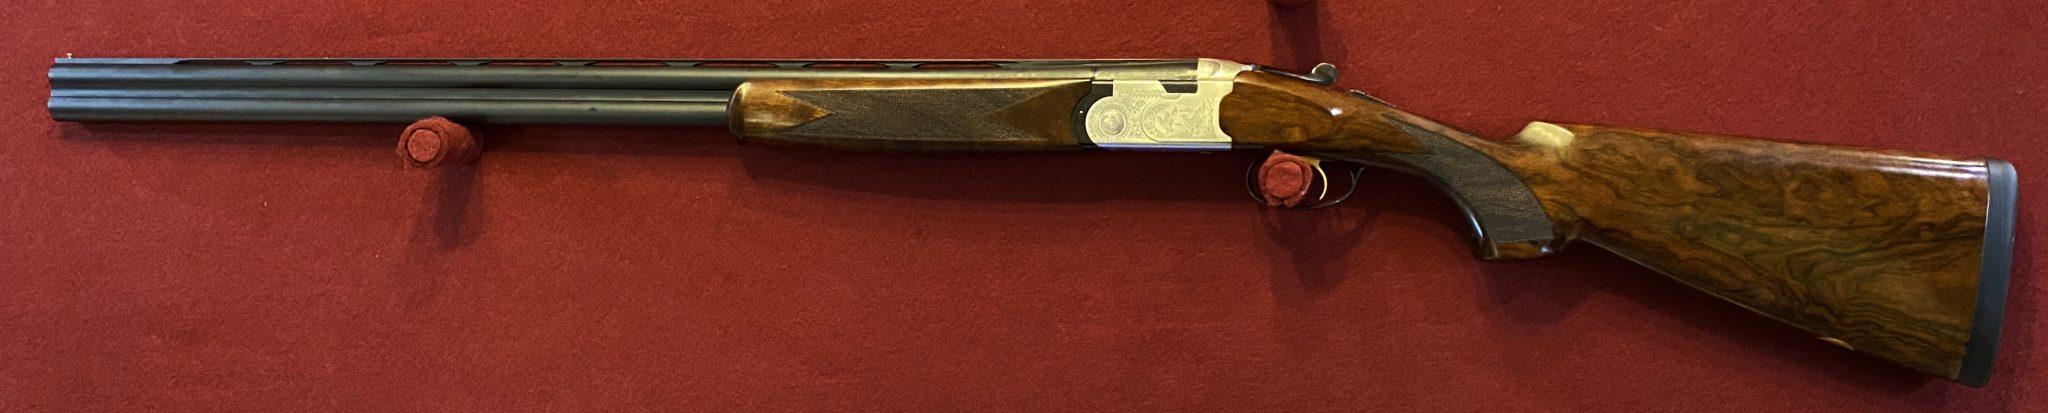 beretta 687 20 gauge